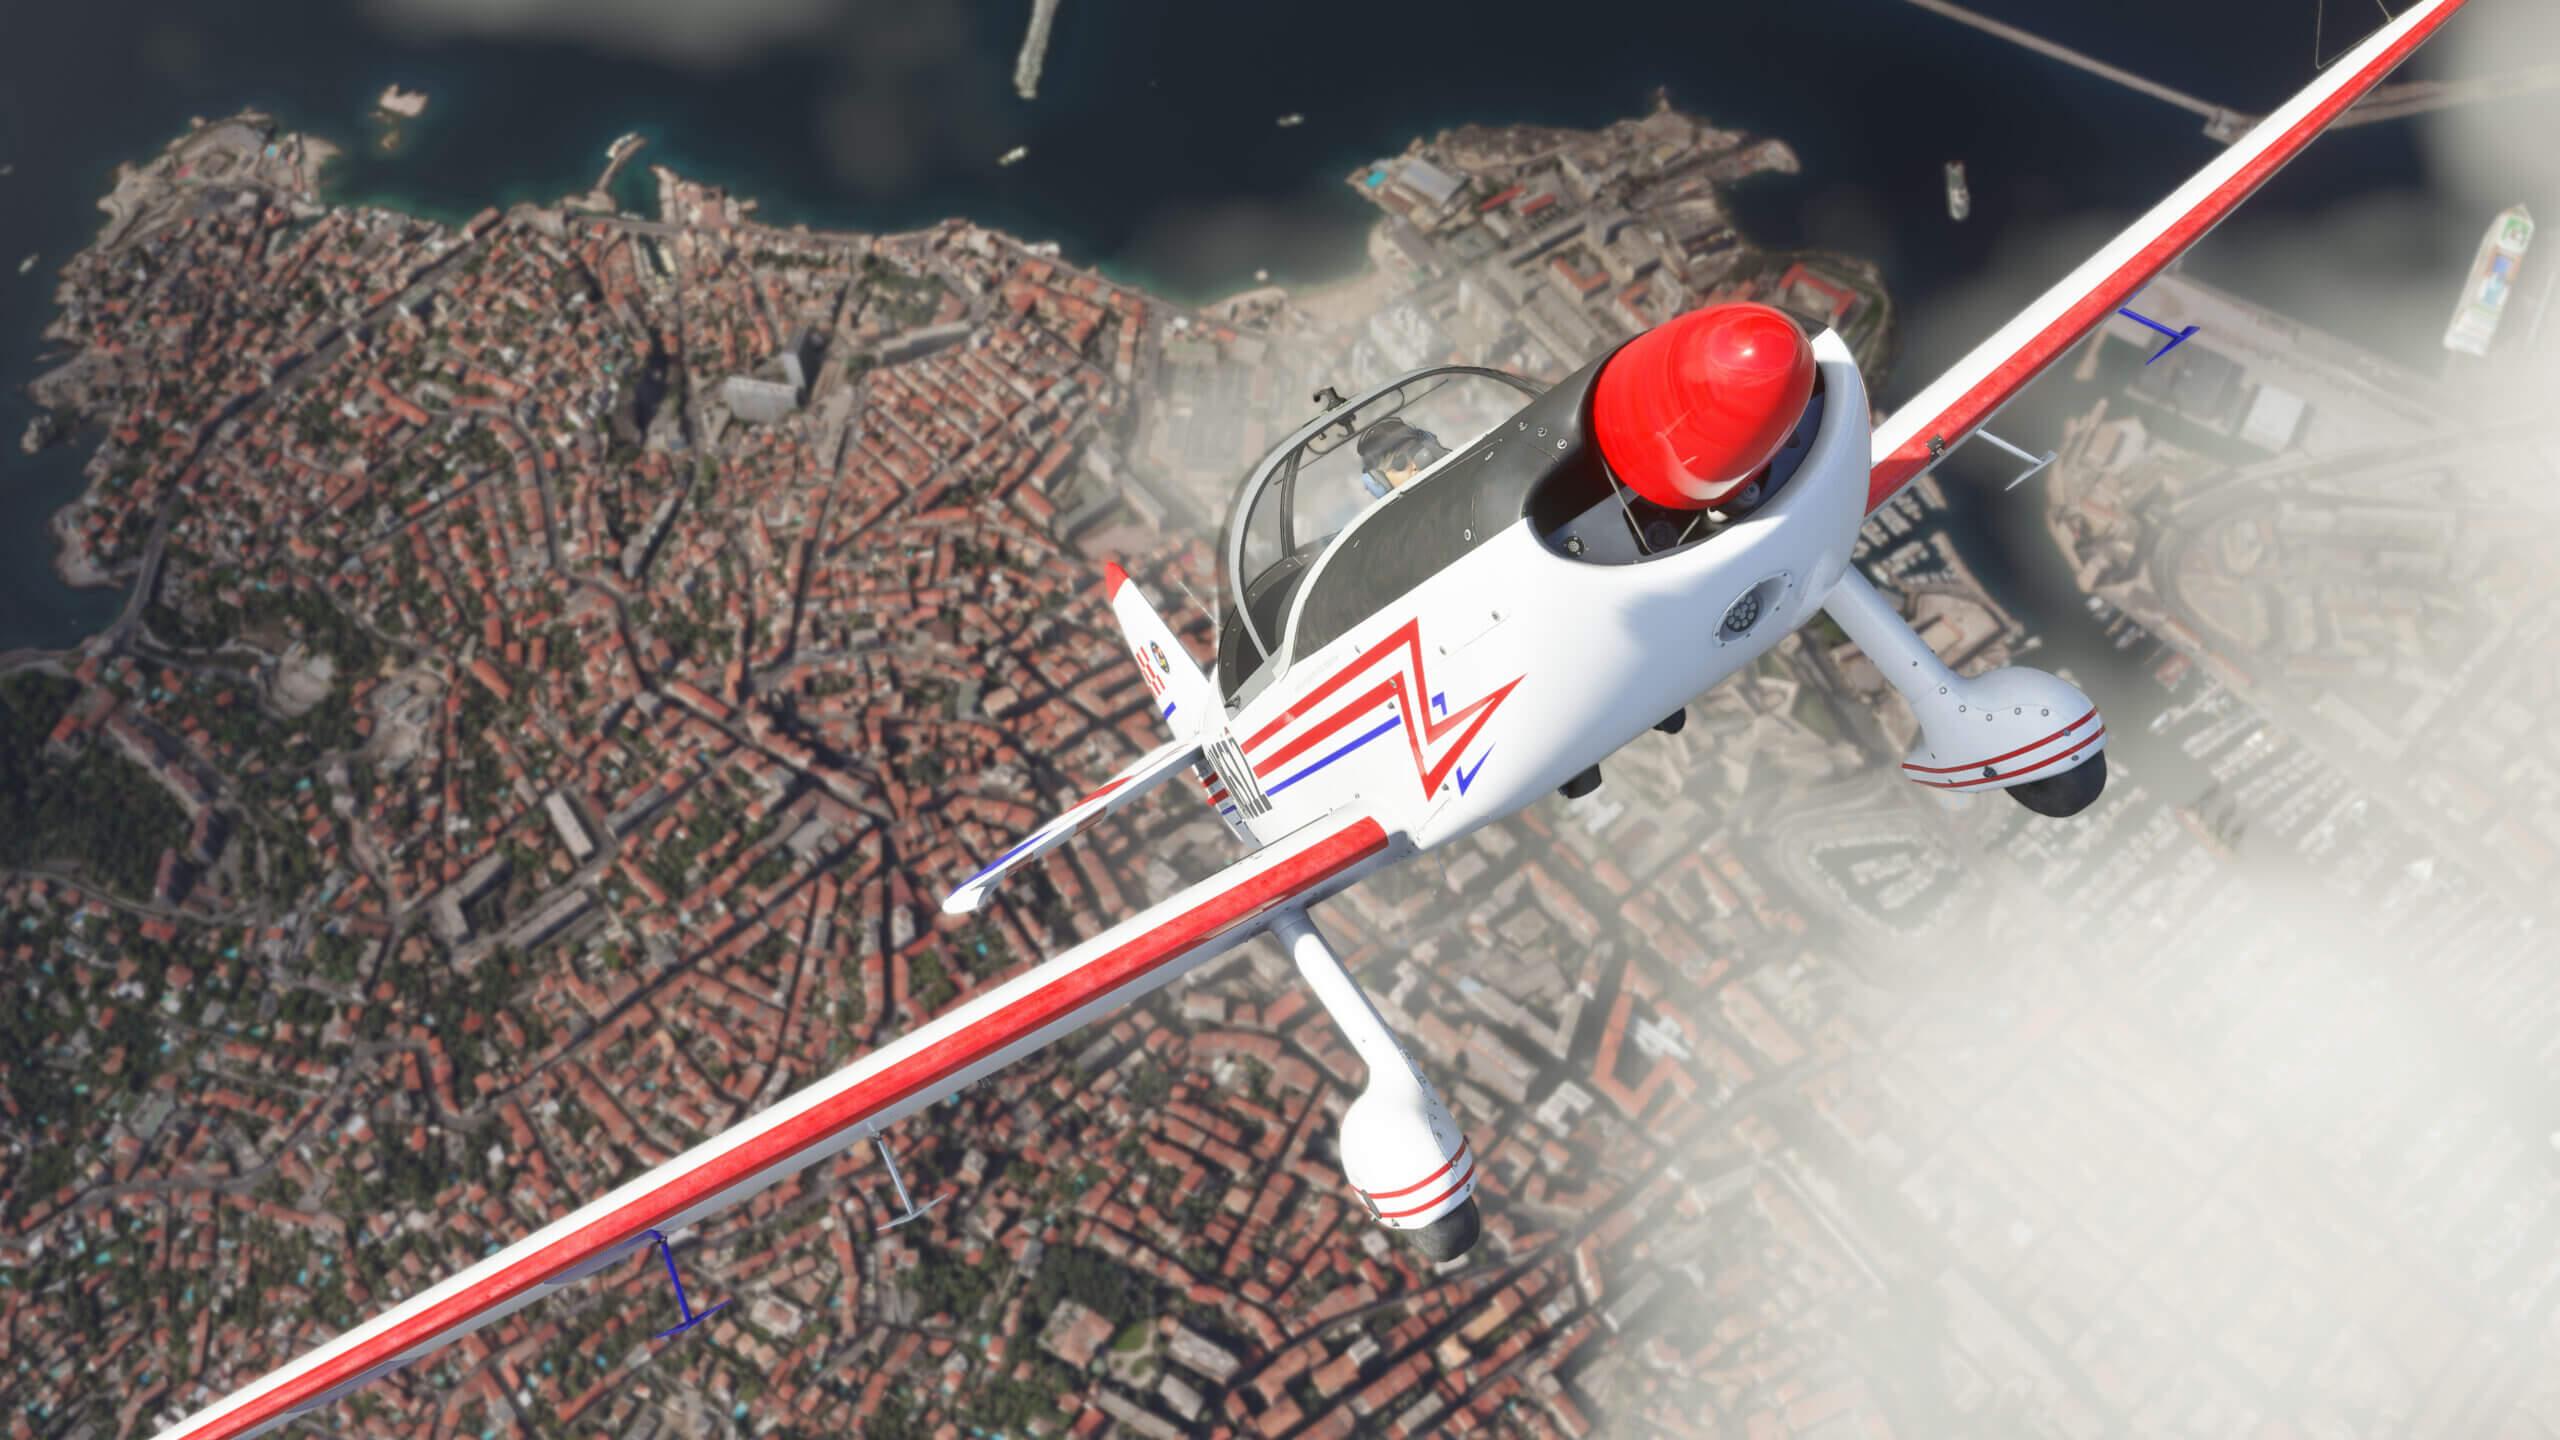 An aerobatic plane in a steep climb